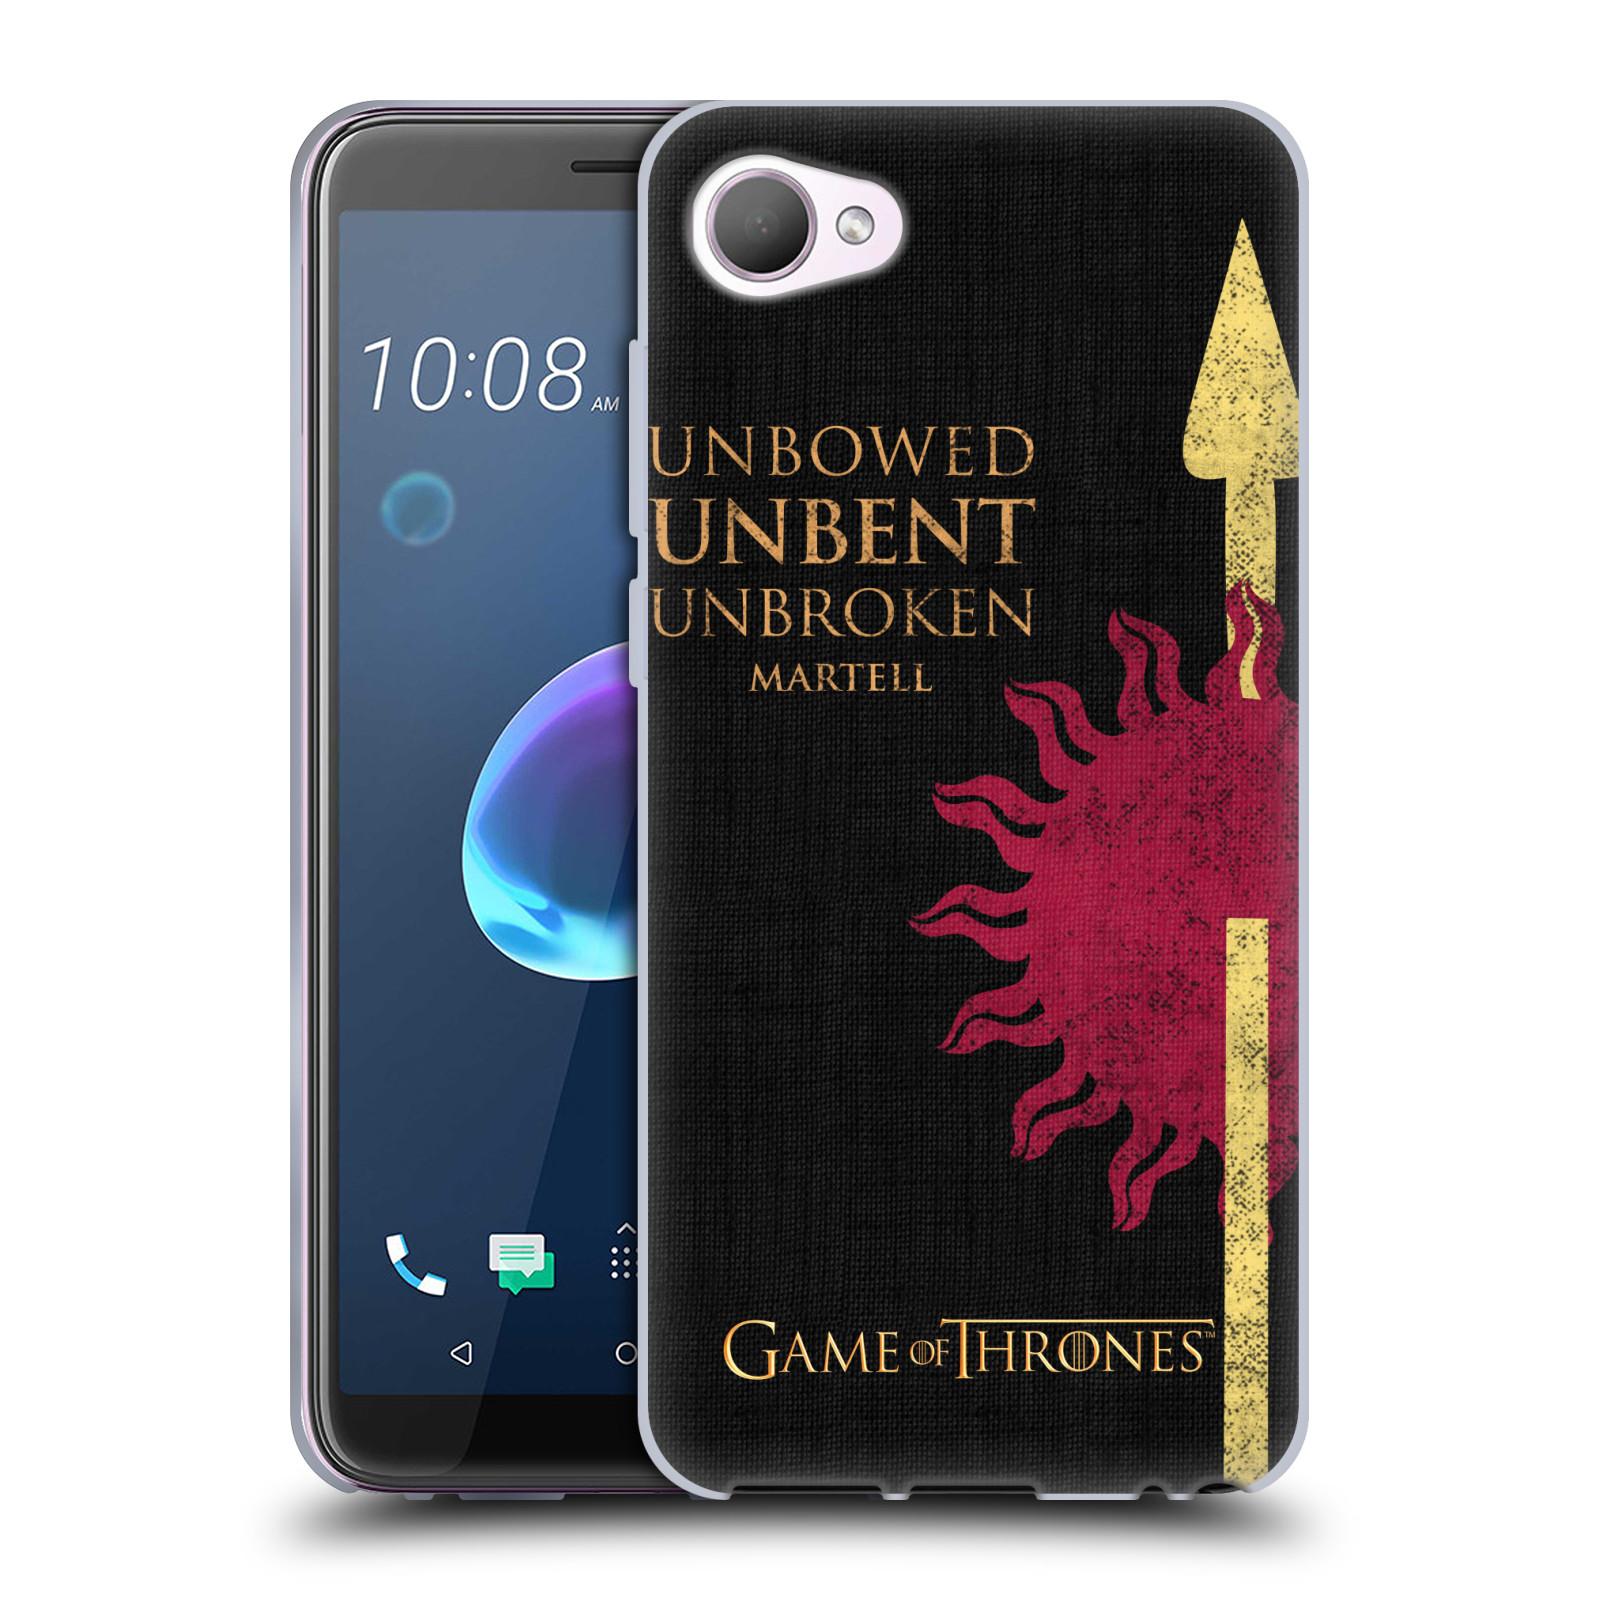 HEAD CASE silikonový obal na mobil HTC Desire 12 / Desire 12 DUAL SIM oficiální kryt Hra o trůny Martellové z Dorne